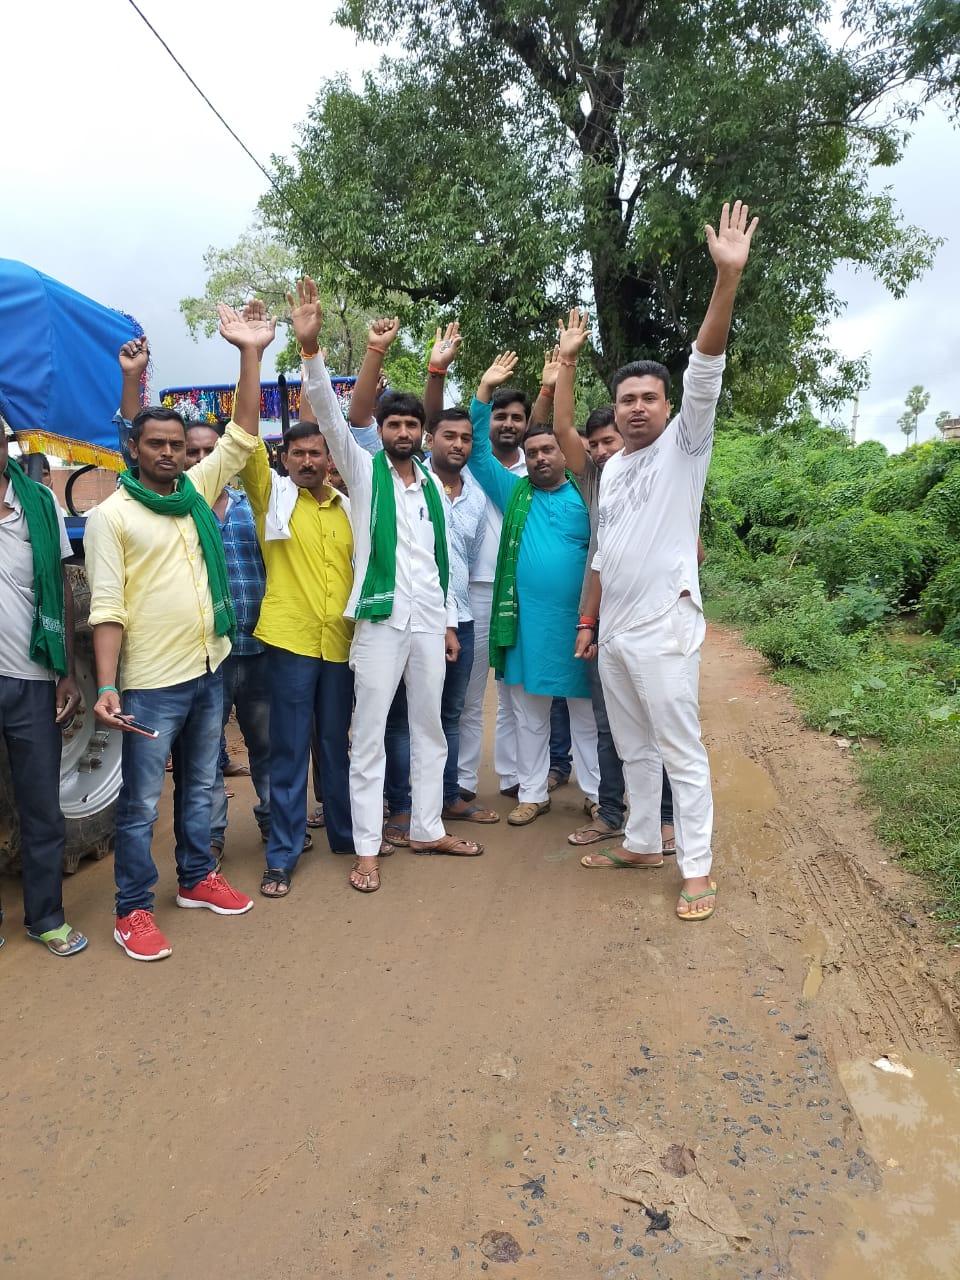 जब तक किसान विरोधी बिल वापस नहीं हो जाता, हर विपक्षी दल करता रहेगा प्रदर्शन: अजय यादव